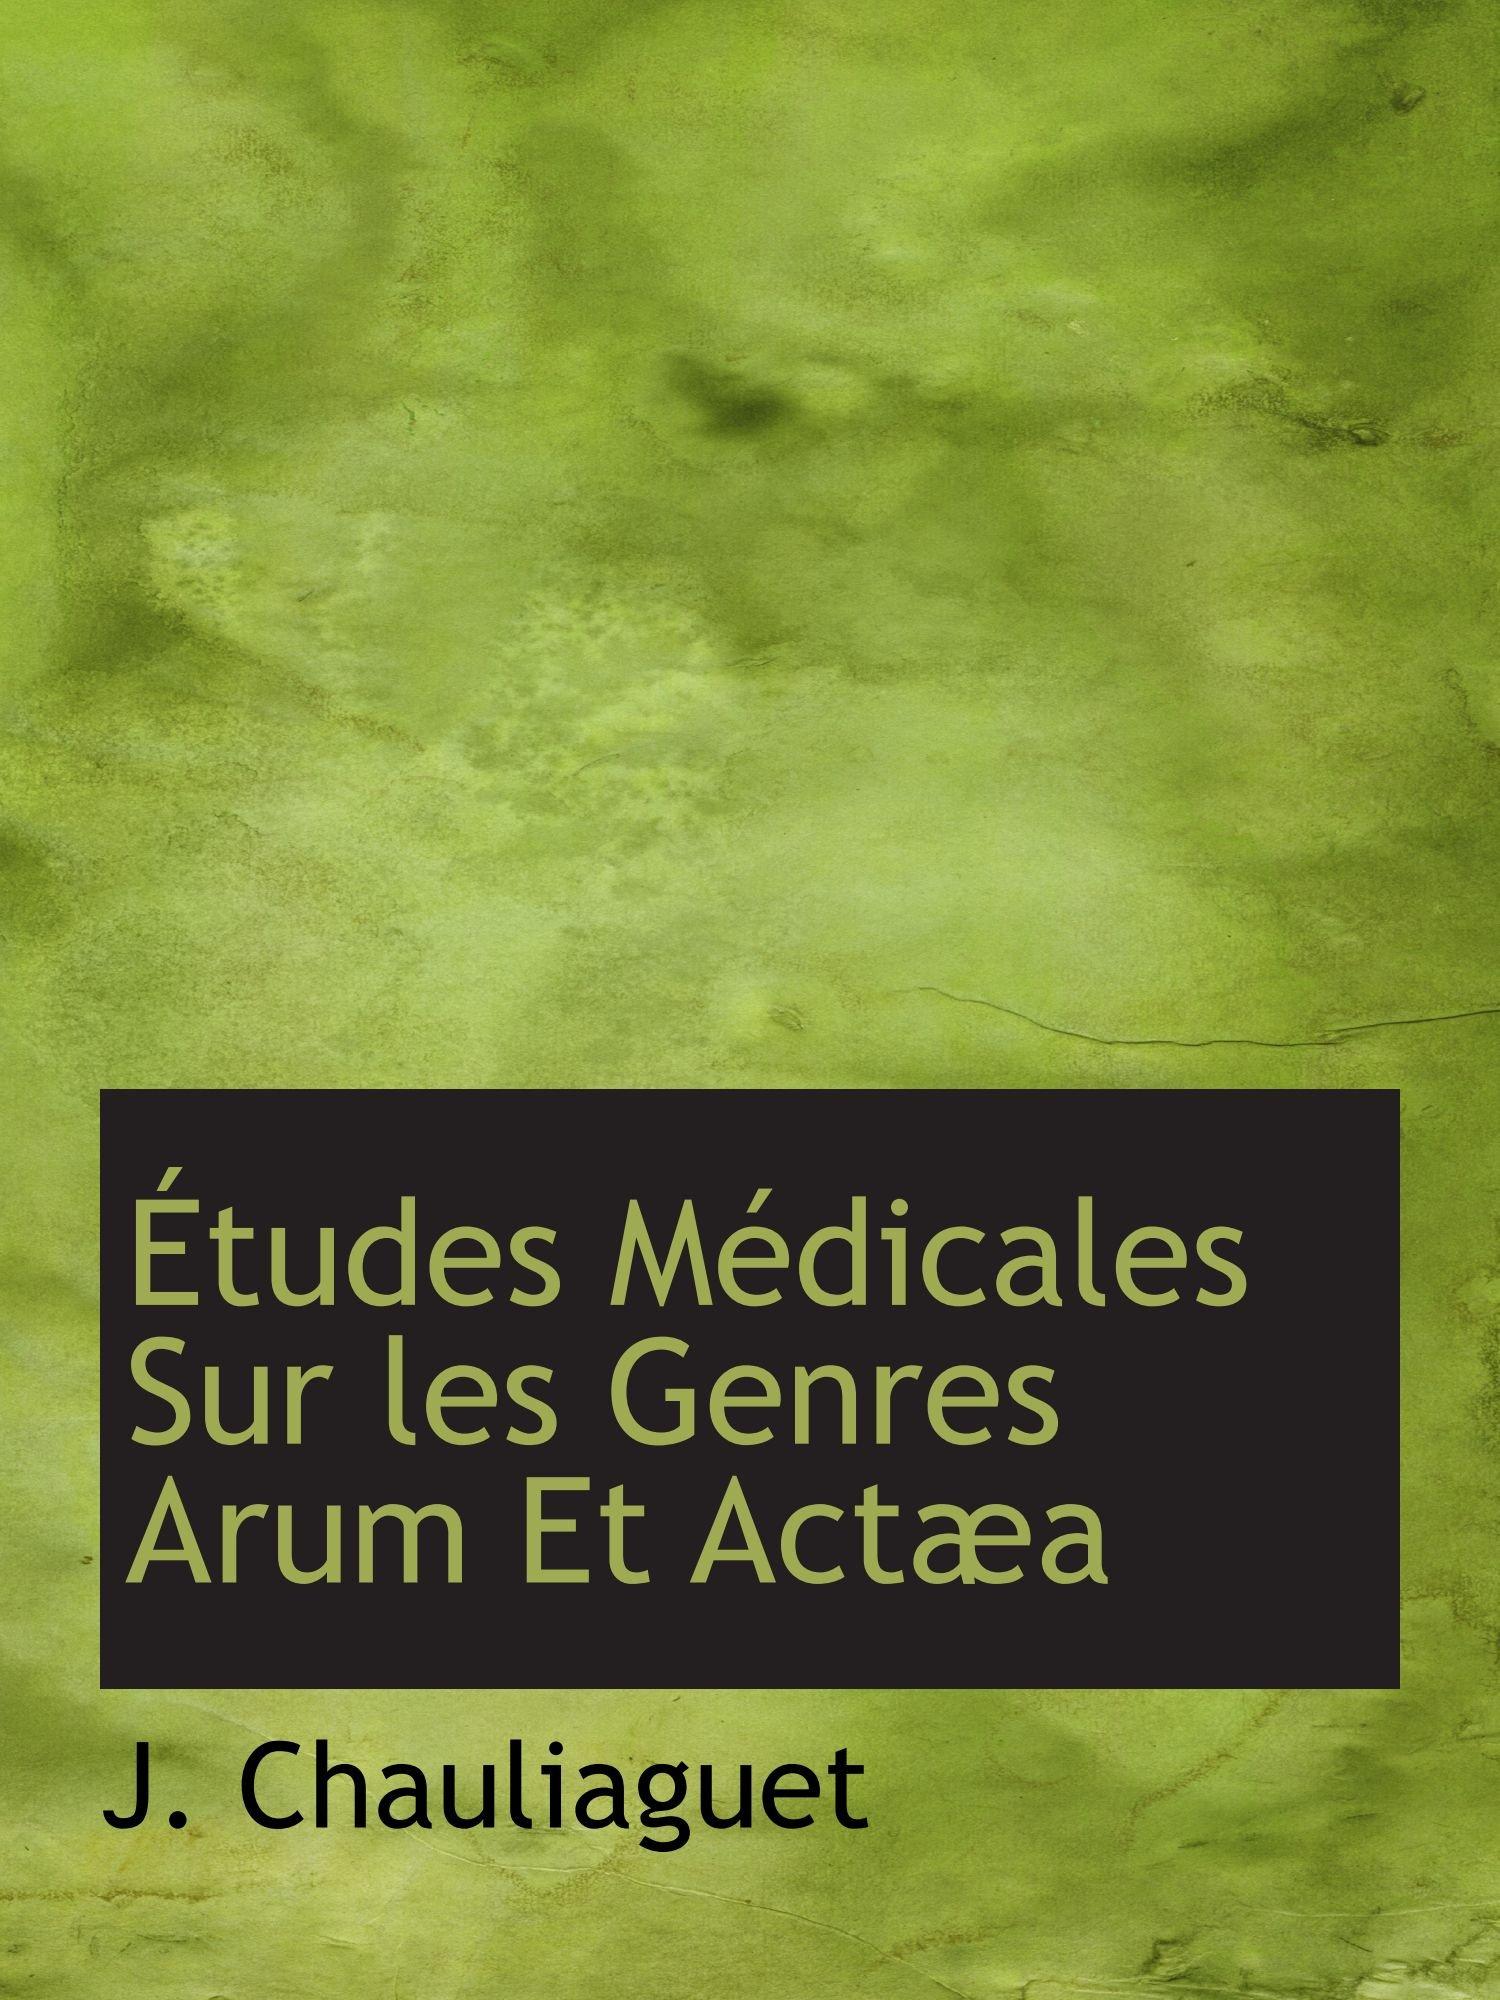 Download Études Médicales Sur les Genres Arum Et Actæa (French Edition) ebook